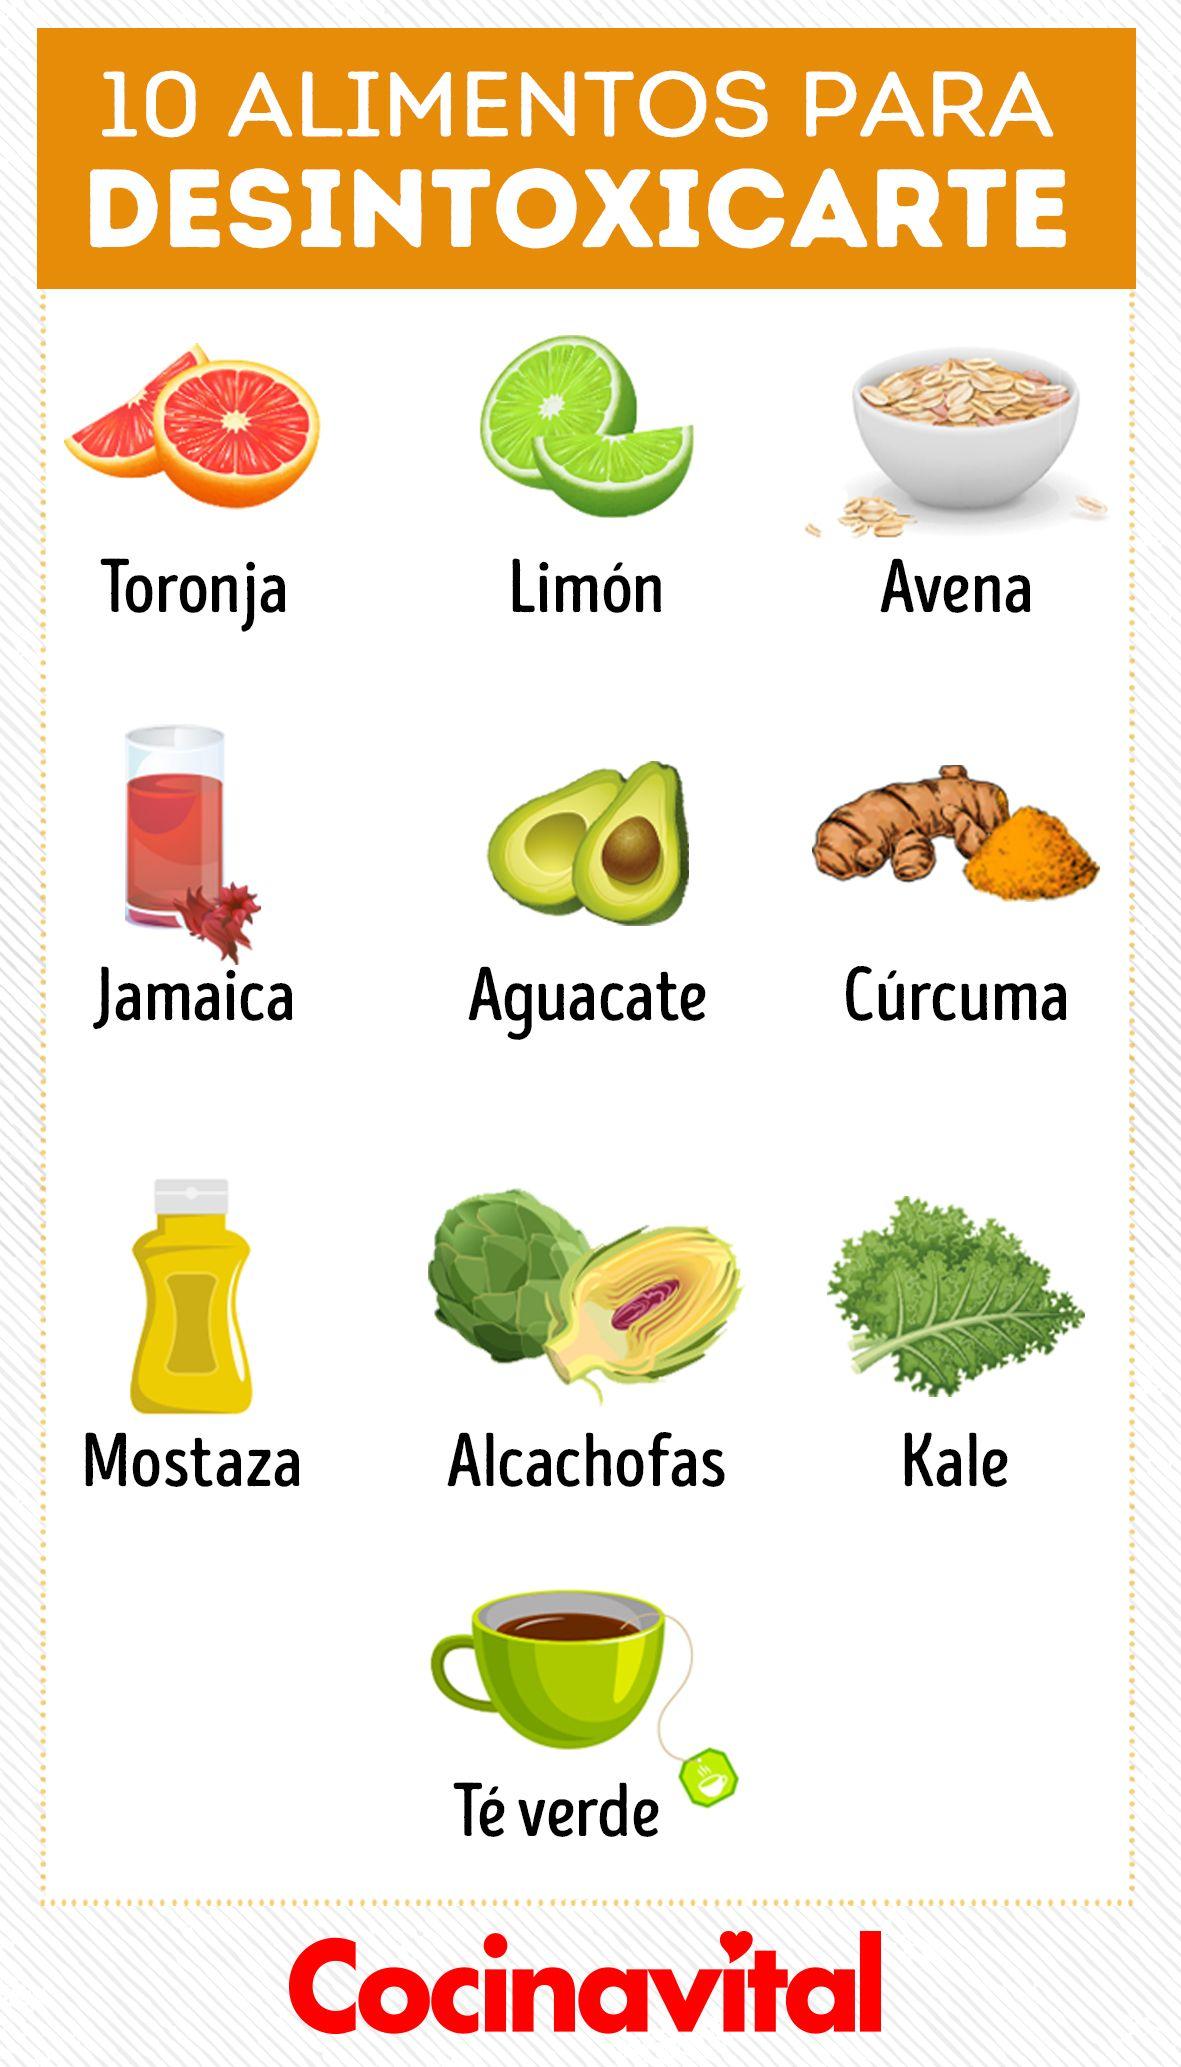 25 Alimentos Para Desintoxicar Tu Organismo Y Bajar De Peso Alimentacion Saludable Beneficios De Alimentos Comida Saludable Ensaladas